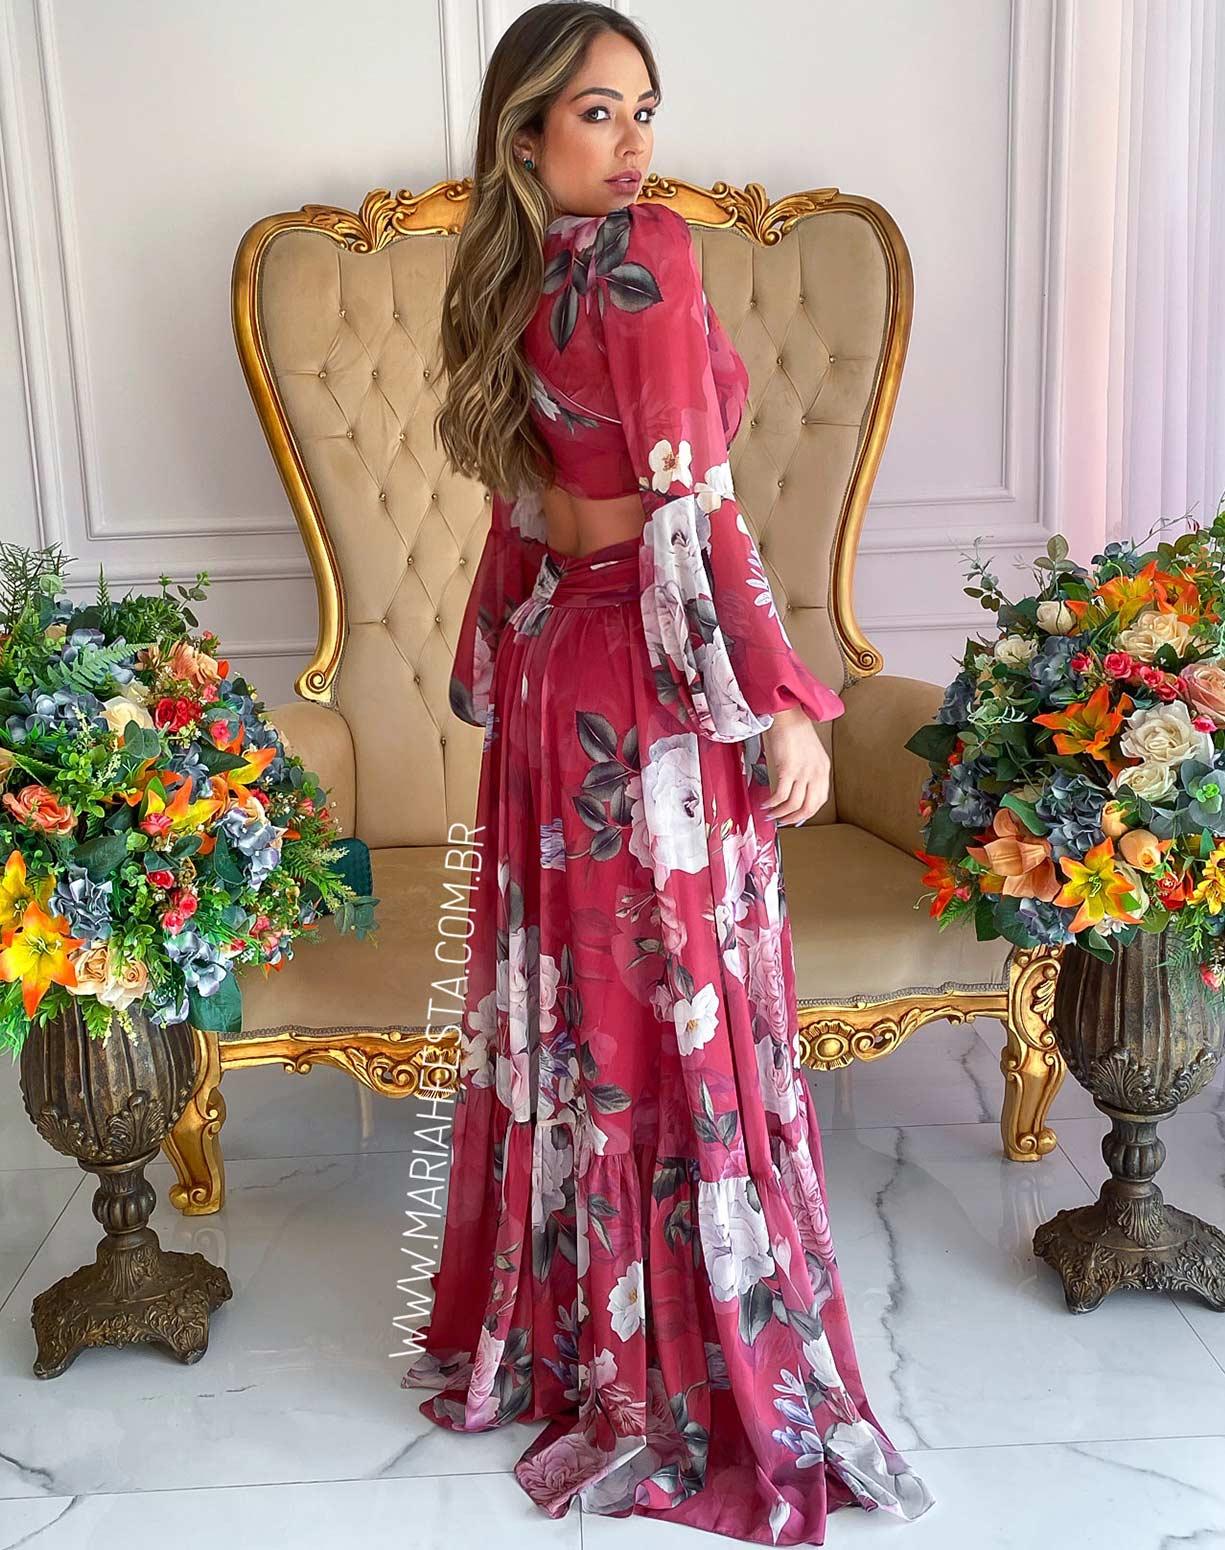 Vestido Marsala Estampado com Decotes